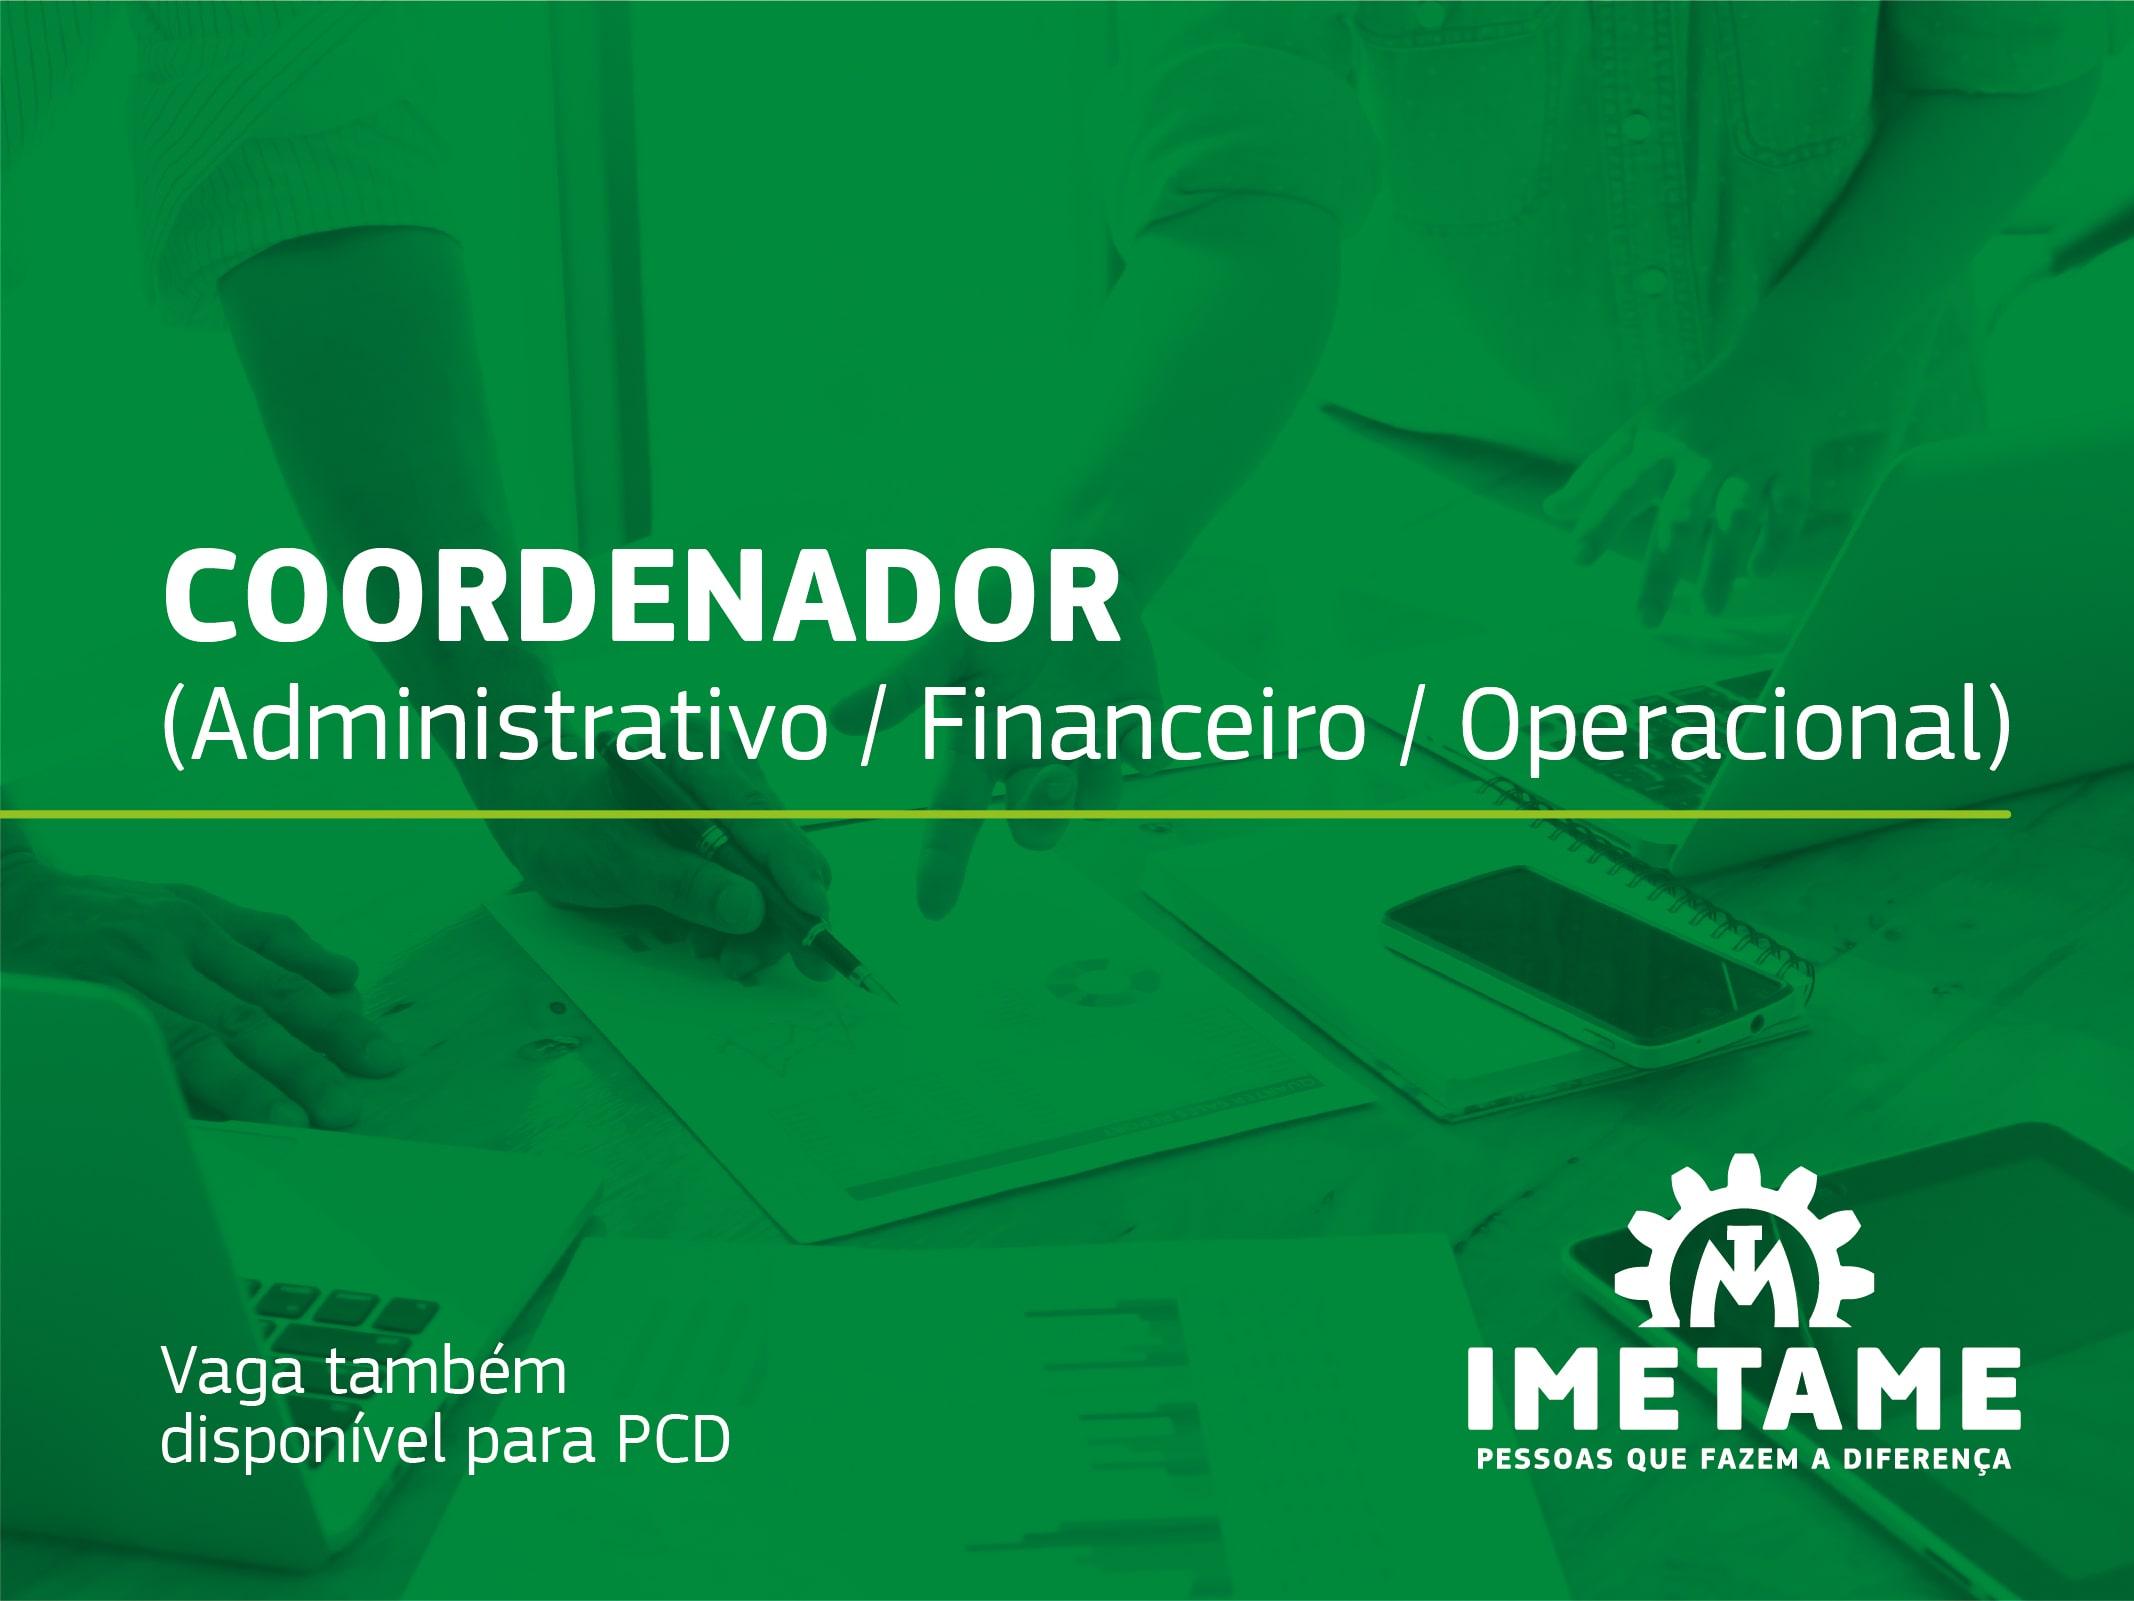 Coordenador Administrativo / Financeiro / Operacional